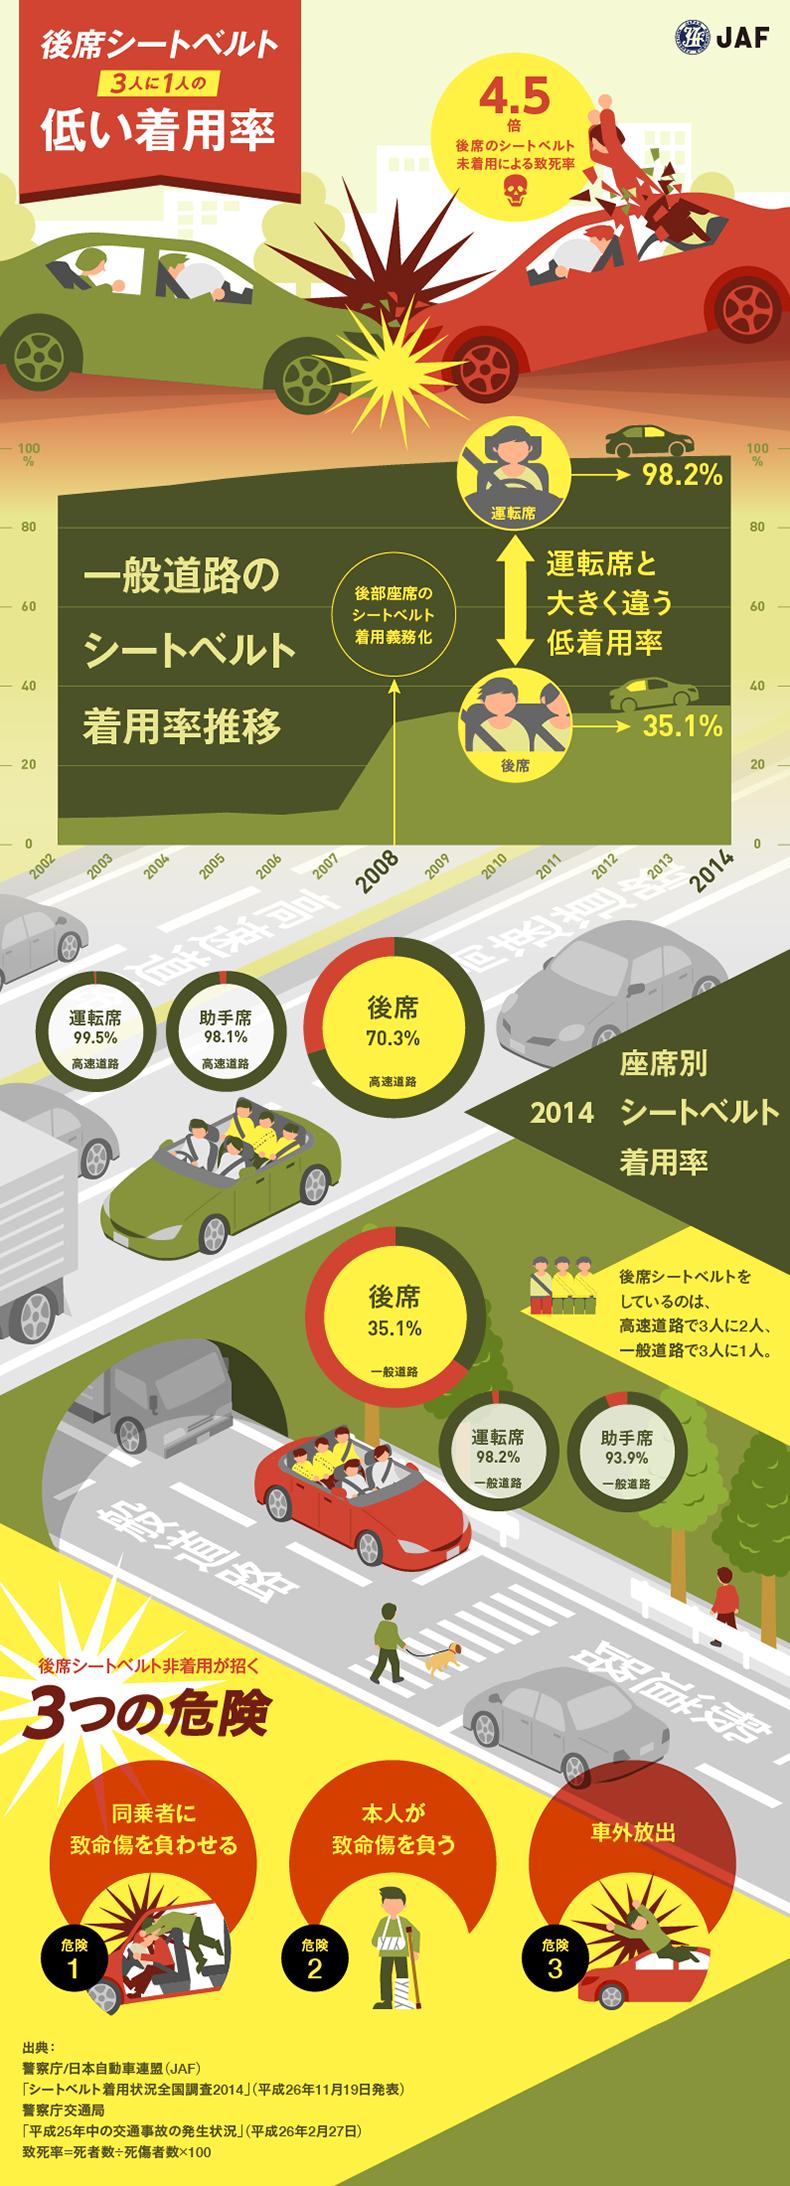 インフォグラフィック:シートベルト着用率33%。命を守るために後部座席にも声掛けを